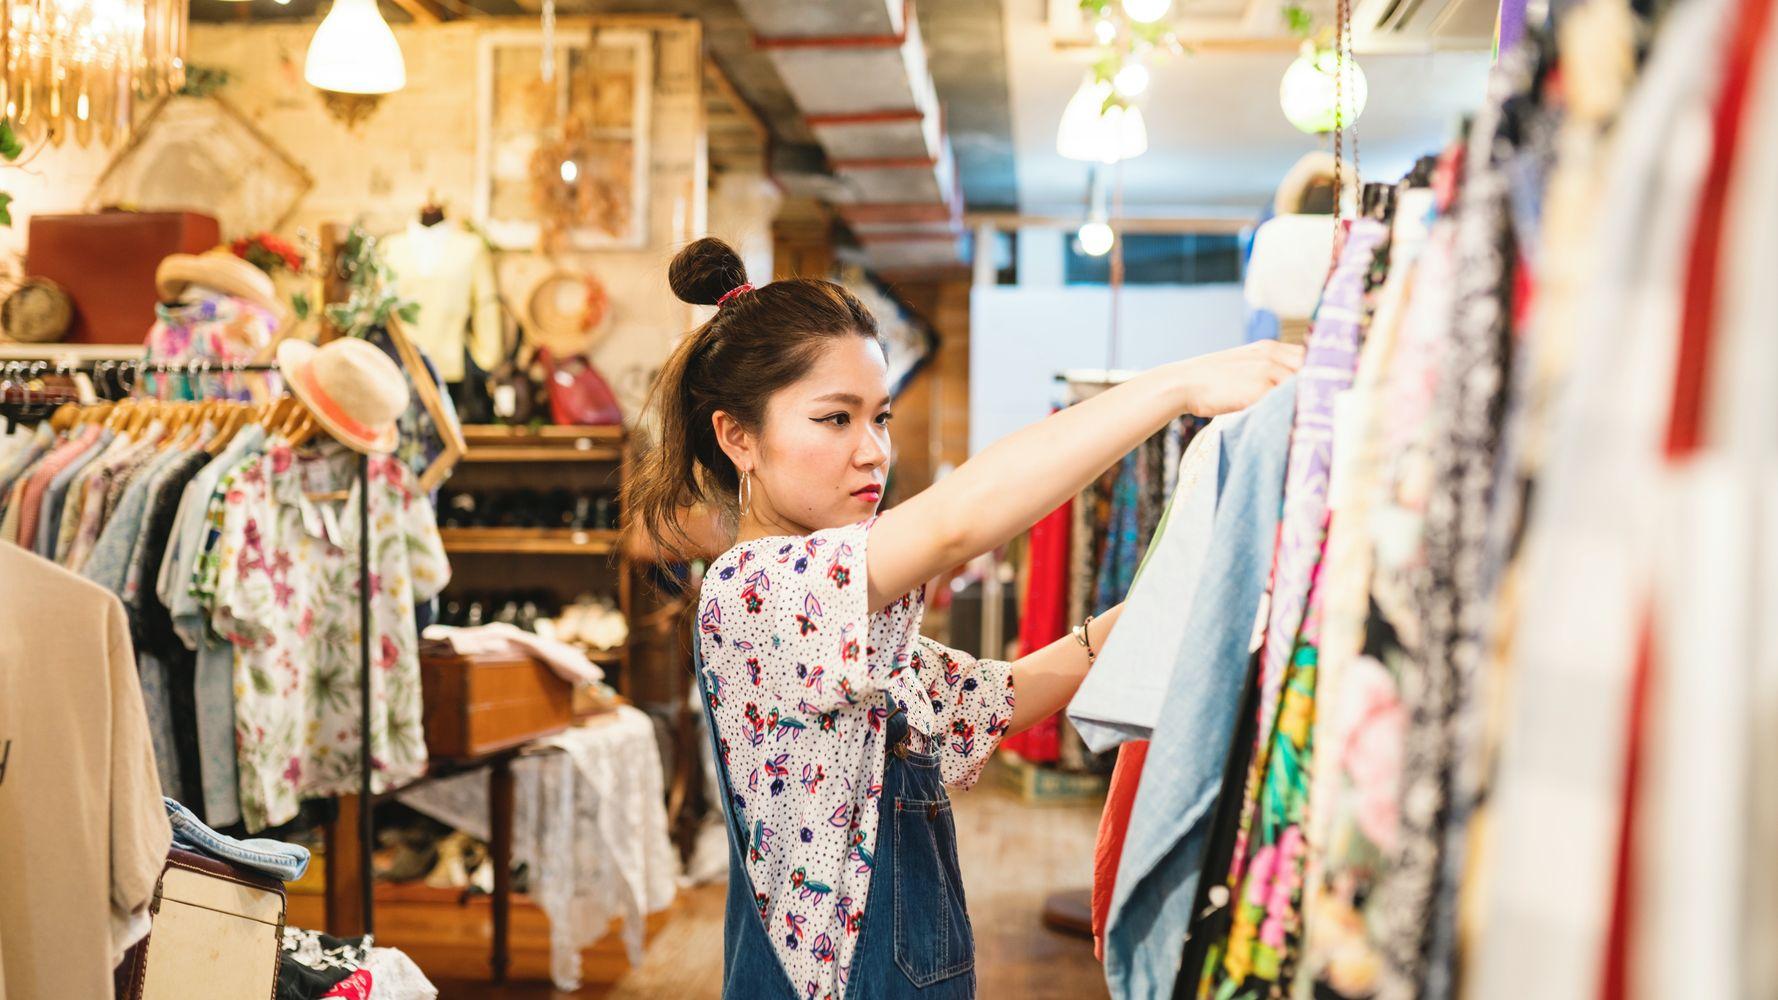 Ý tưởng kinh doanh ngày 8/3 - Kinh doanh thời trang